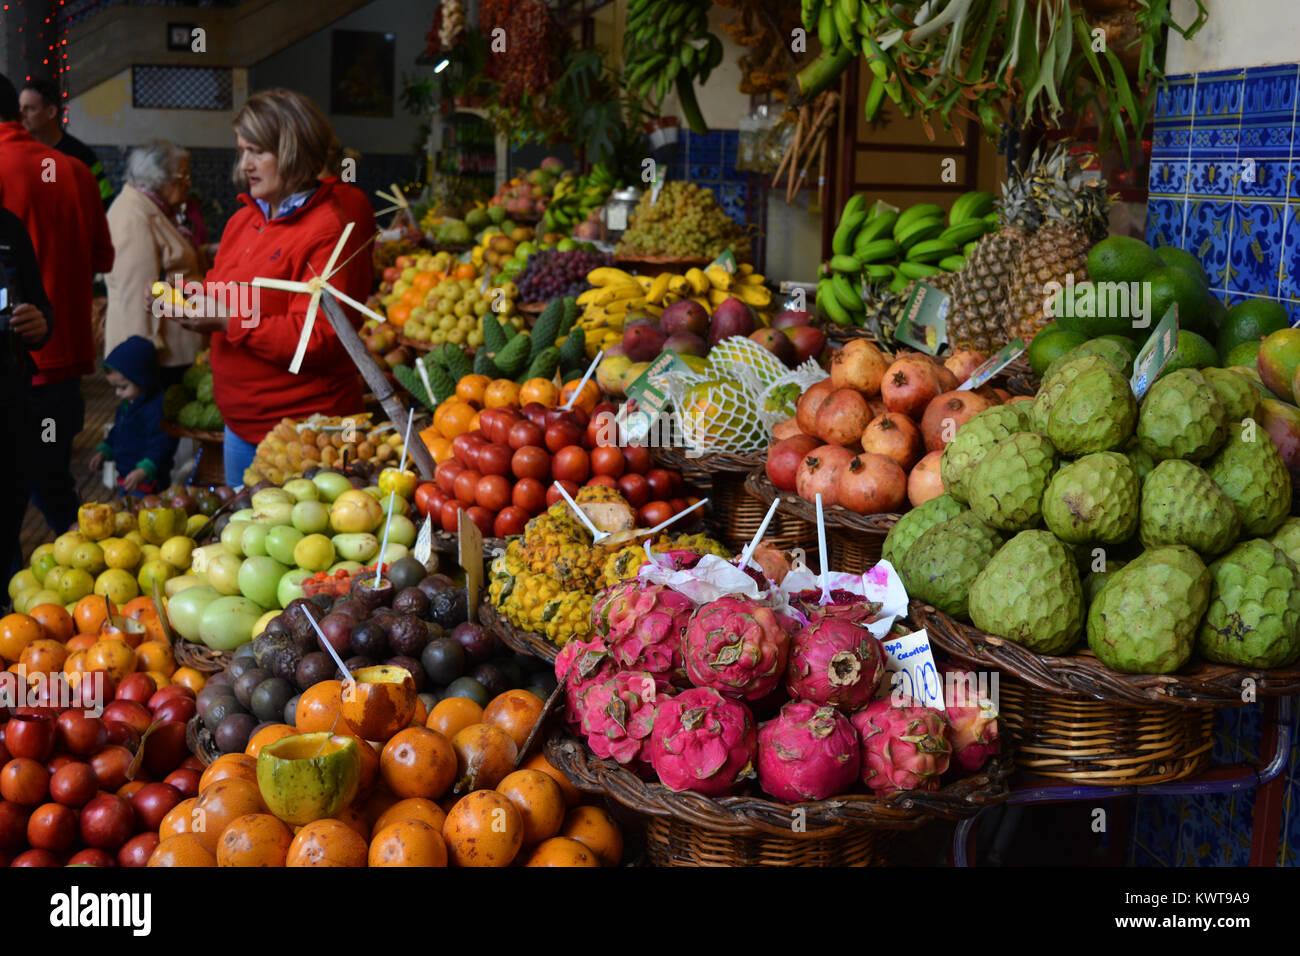 Menschen auf einem Markt Obst & Gemüse auf dem Mercado dos Lavradores, Funchal, Madeira, Portugal Abschaltdruck Stockbild